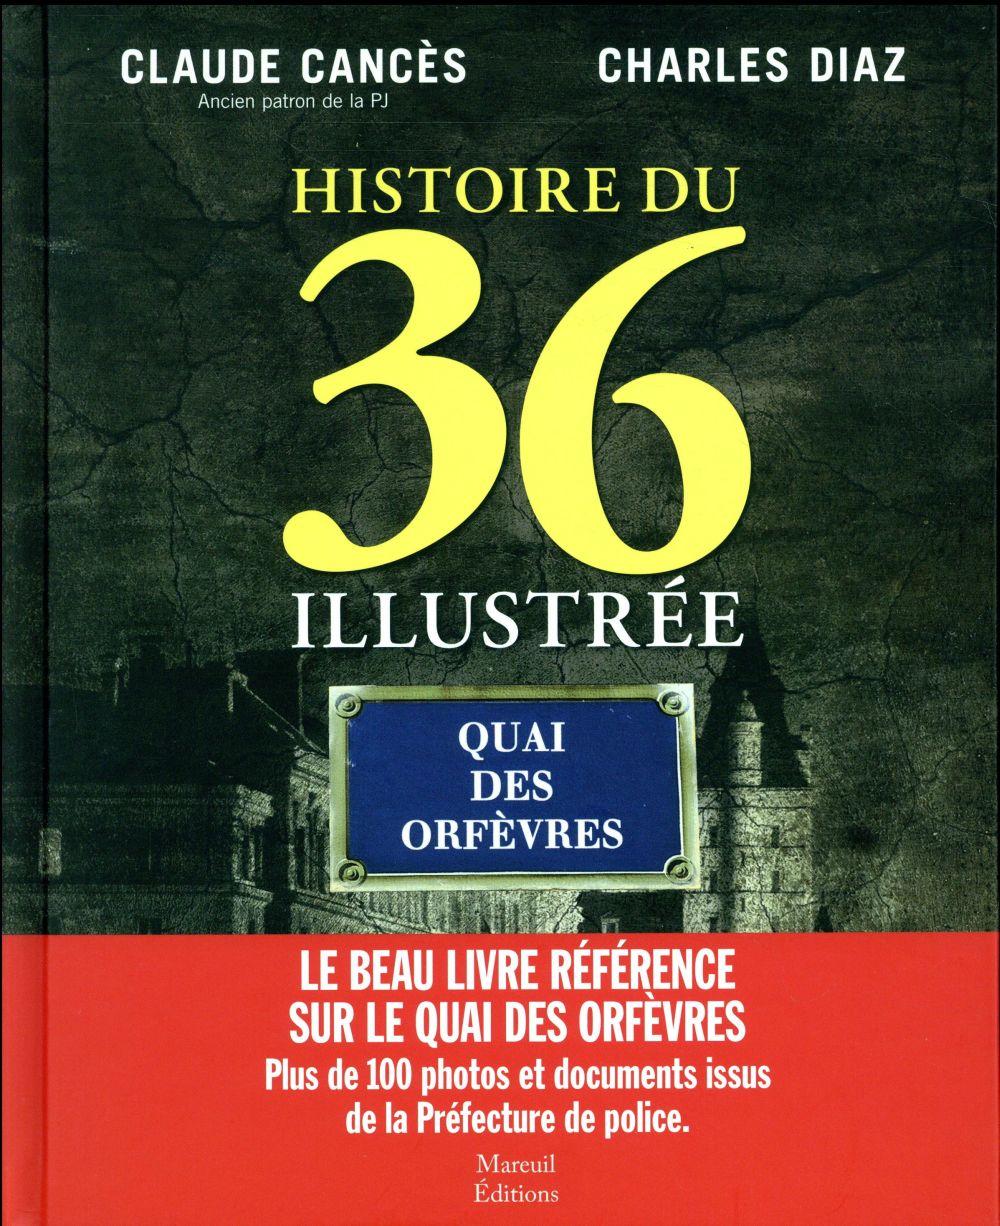 Histoire du 36 illustrée